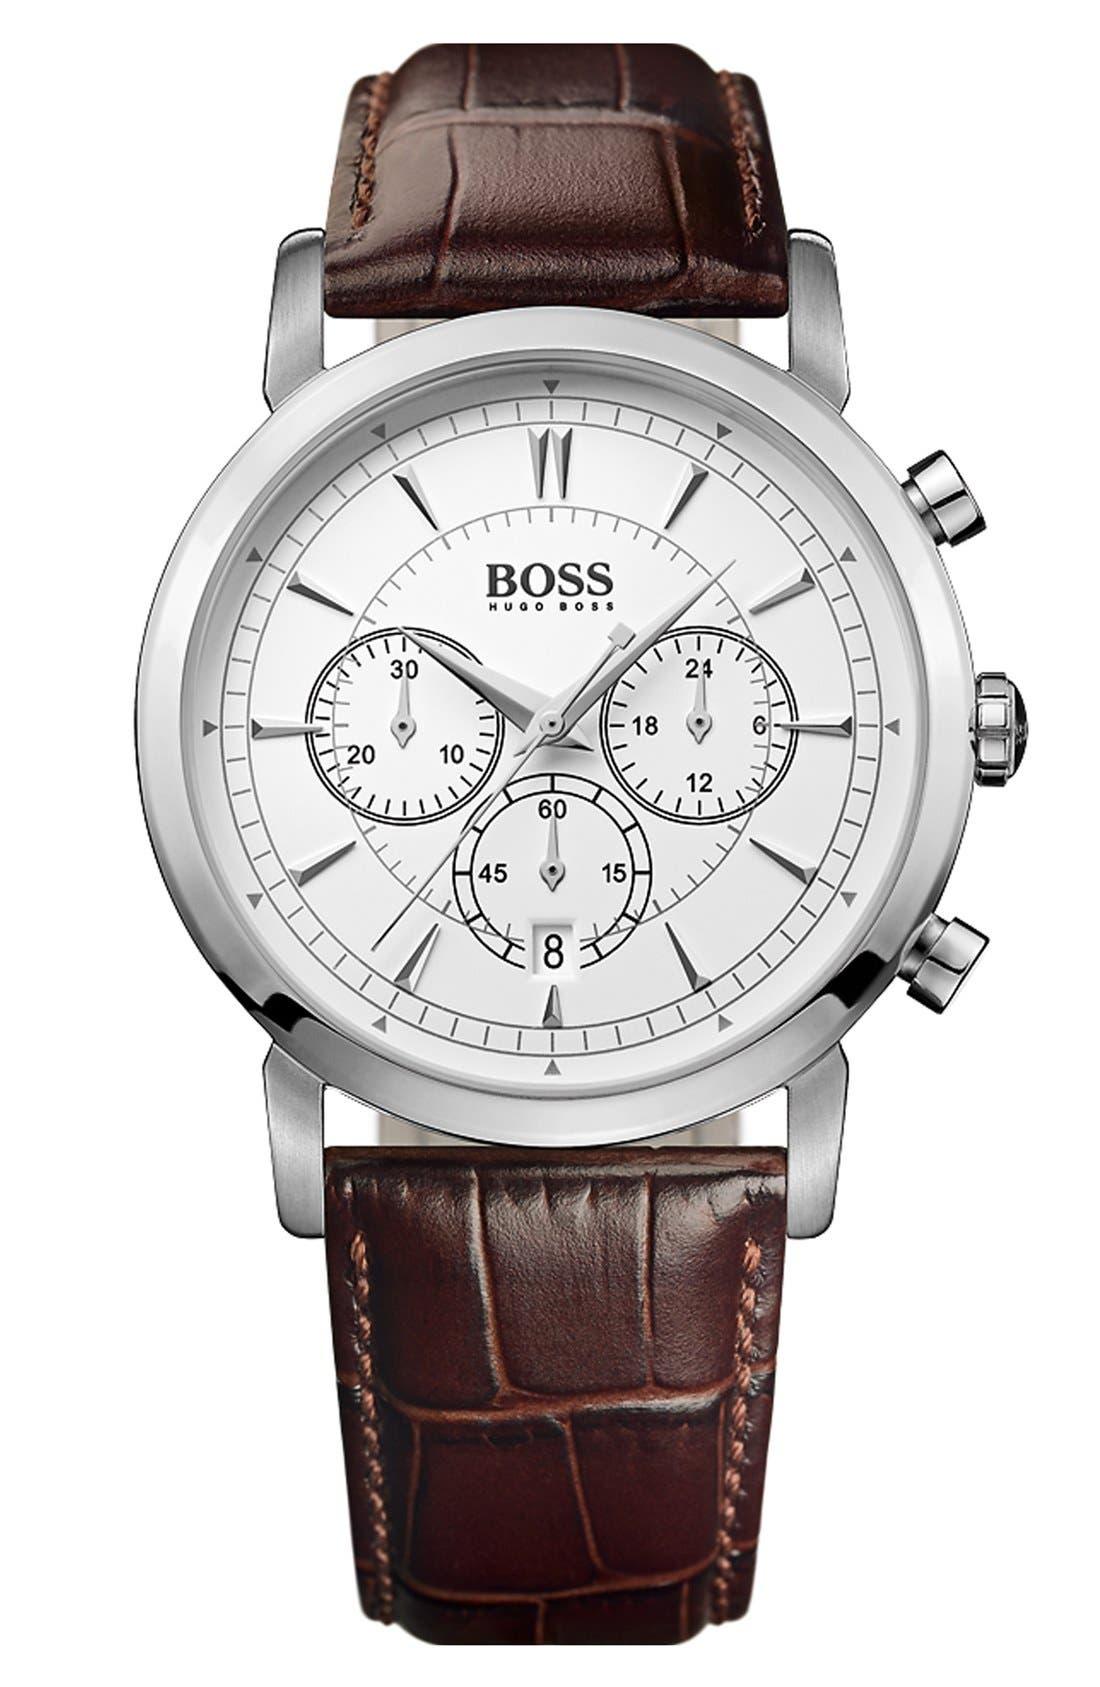 Main Image - BOSS HUGO BOSS 'Classic' Round Chronograph Watch, 40mm